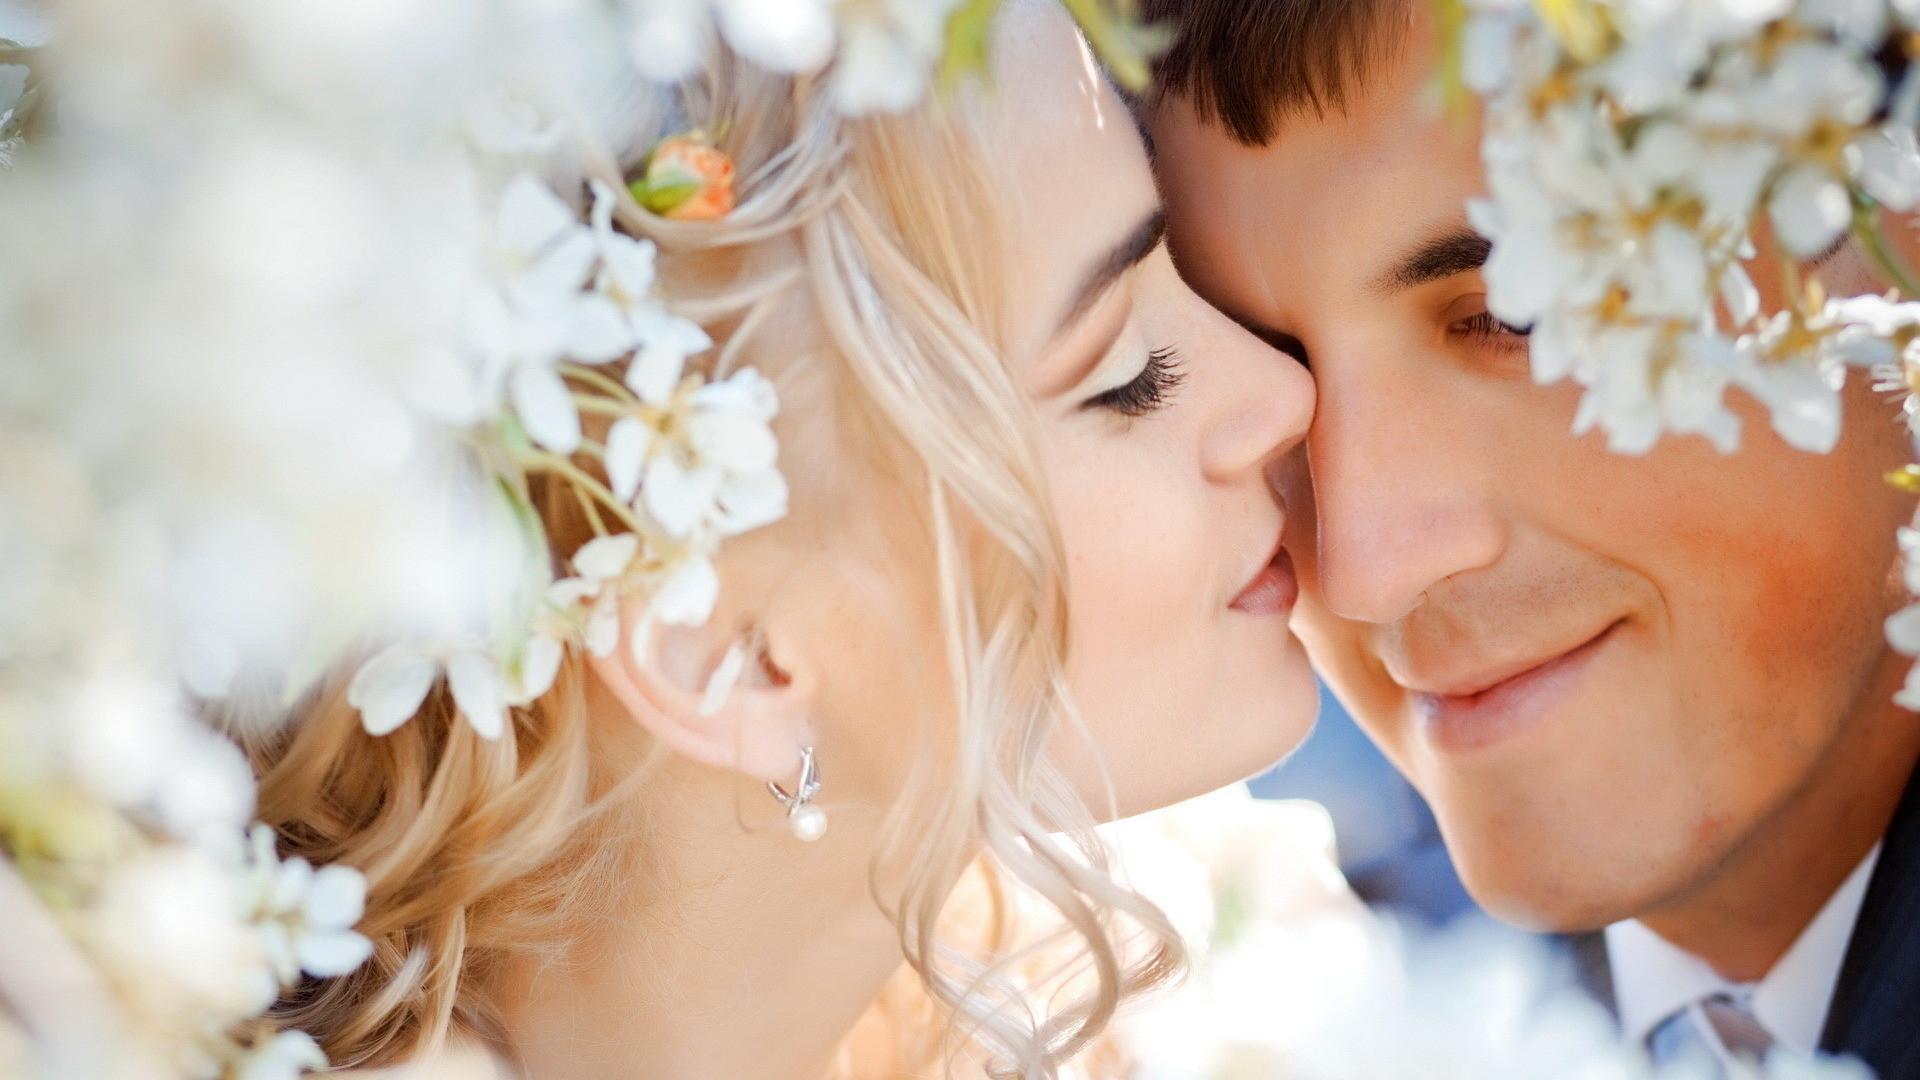 Реальные истории знакомств в онлайн